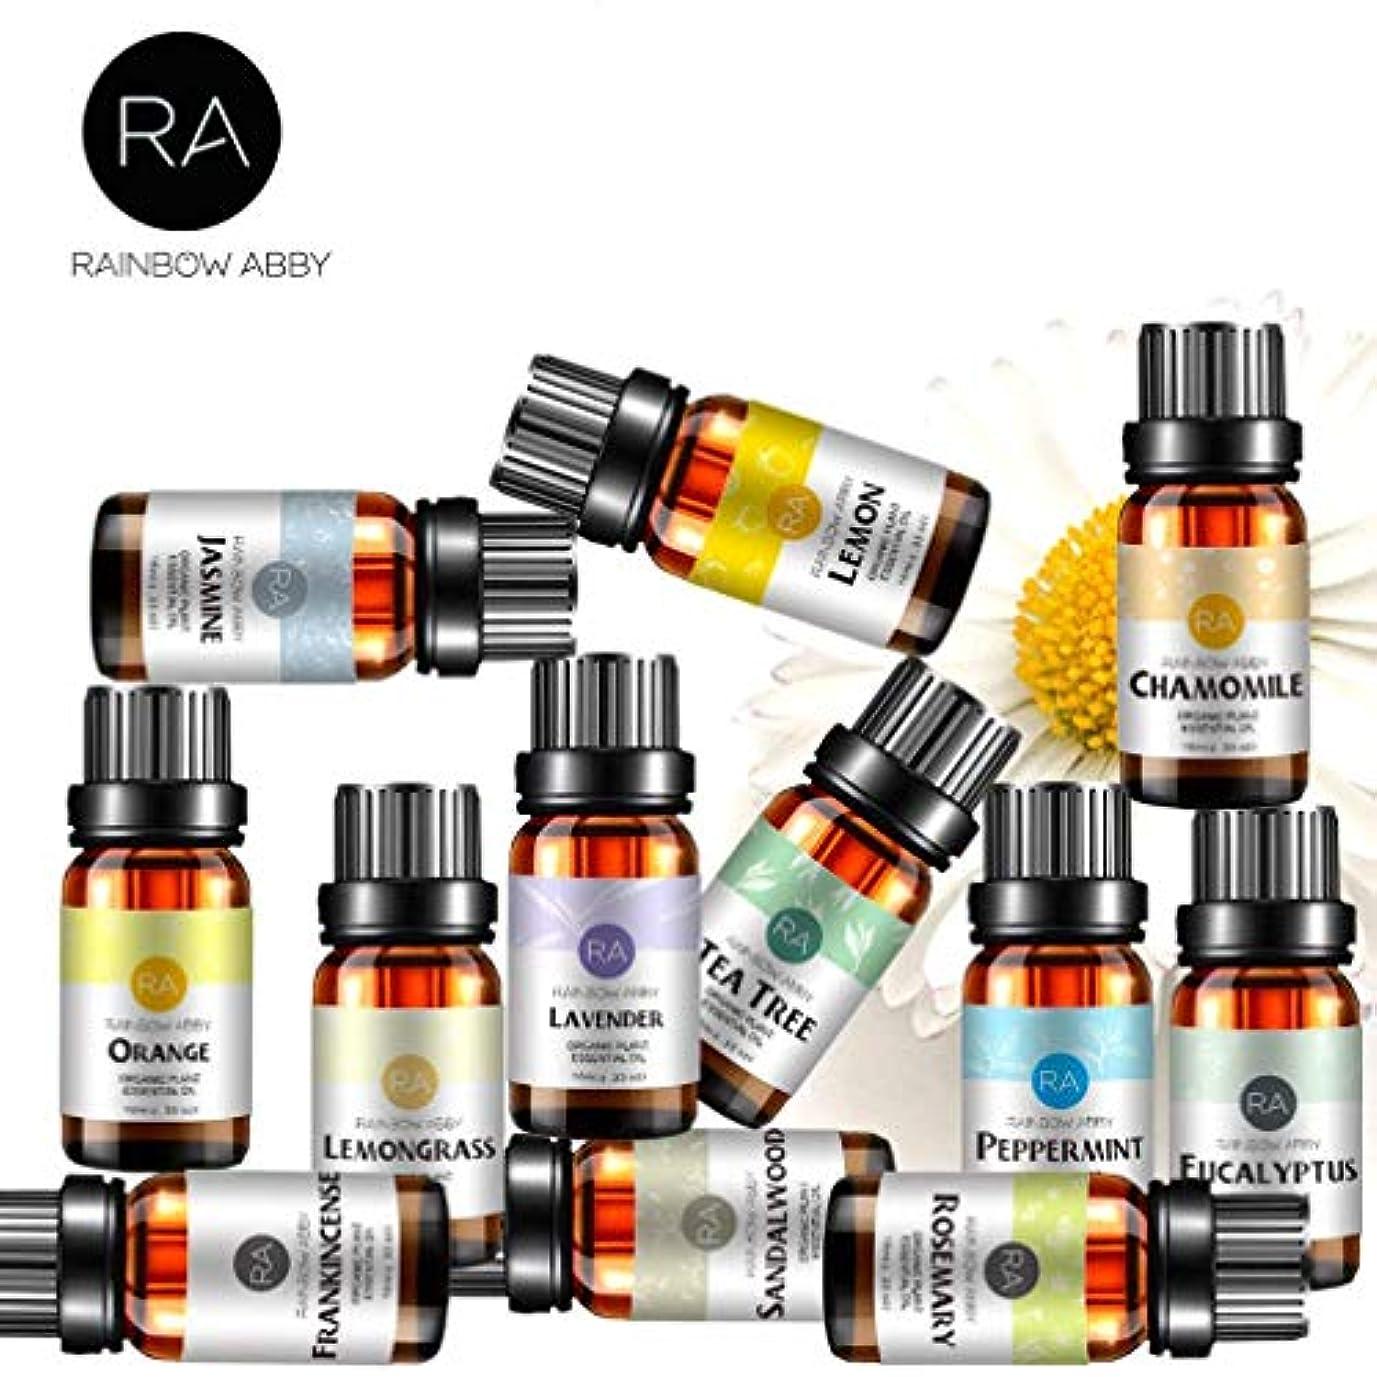 節約する重々しい外部Rainbow Abby アロマセラピー トップ 12 エッセンシャル オイル、セラピューティック グレード オイル - オレンジ、ティーツリー、ローズマリー、ジャスミン、カモミール、サンダルウッド、レモングラス、ラベンダー...